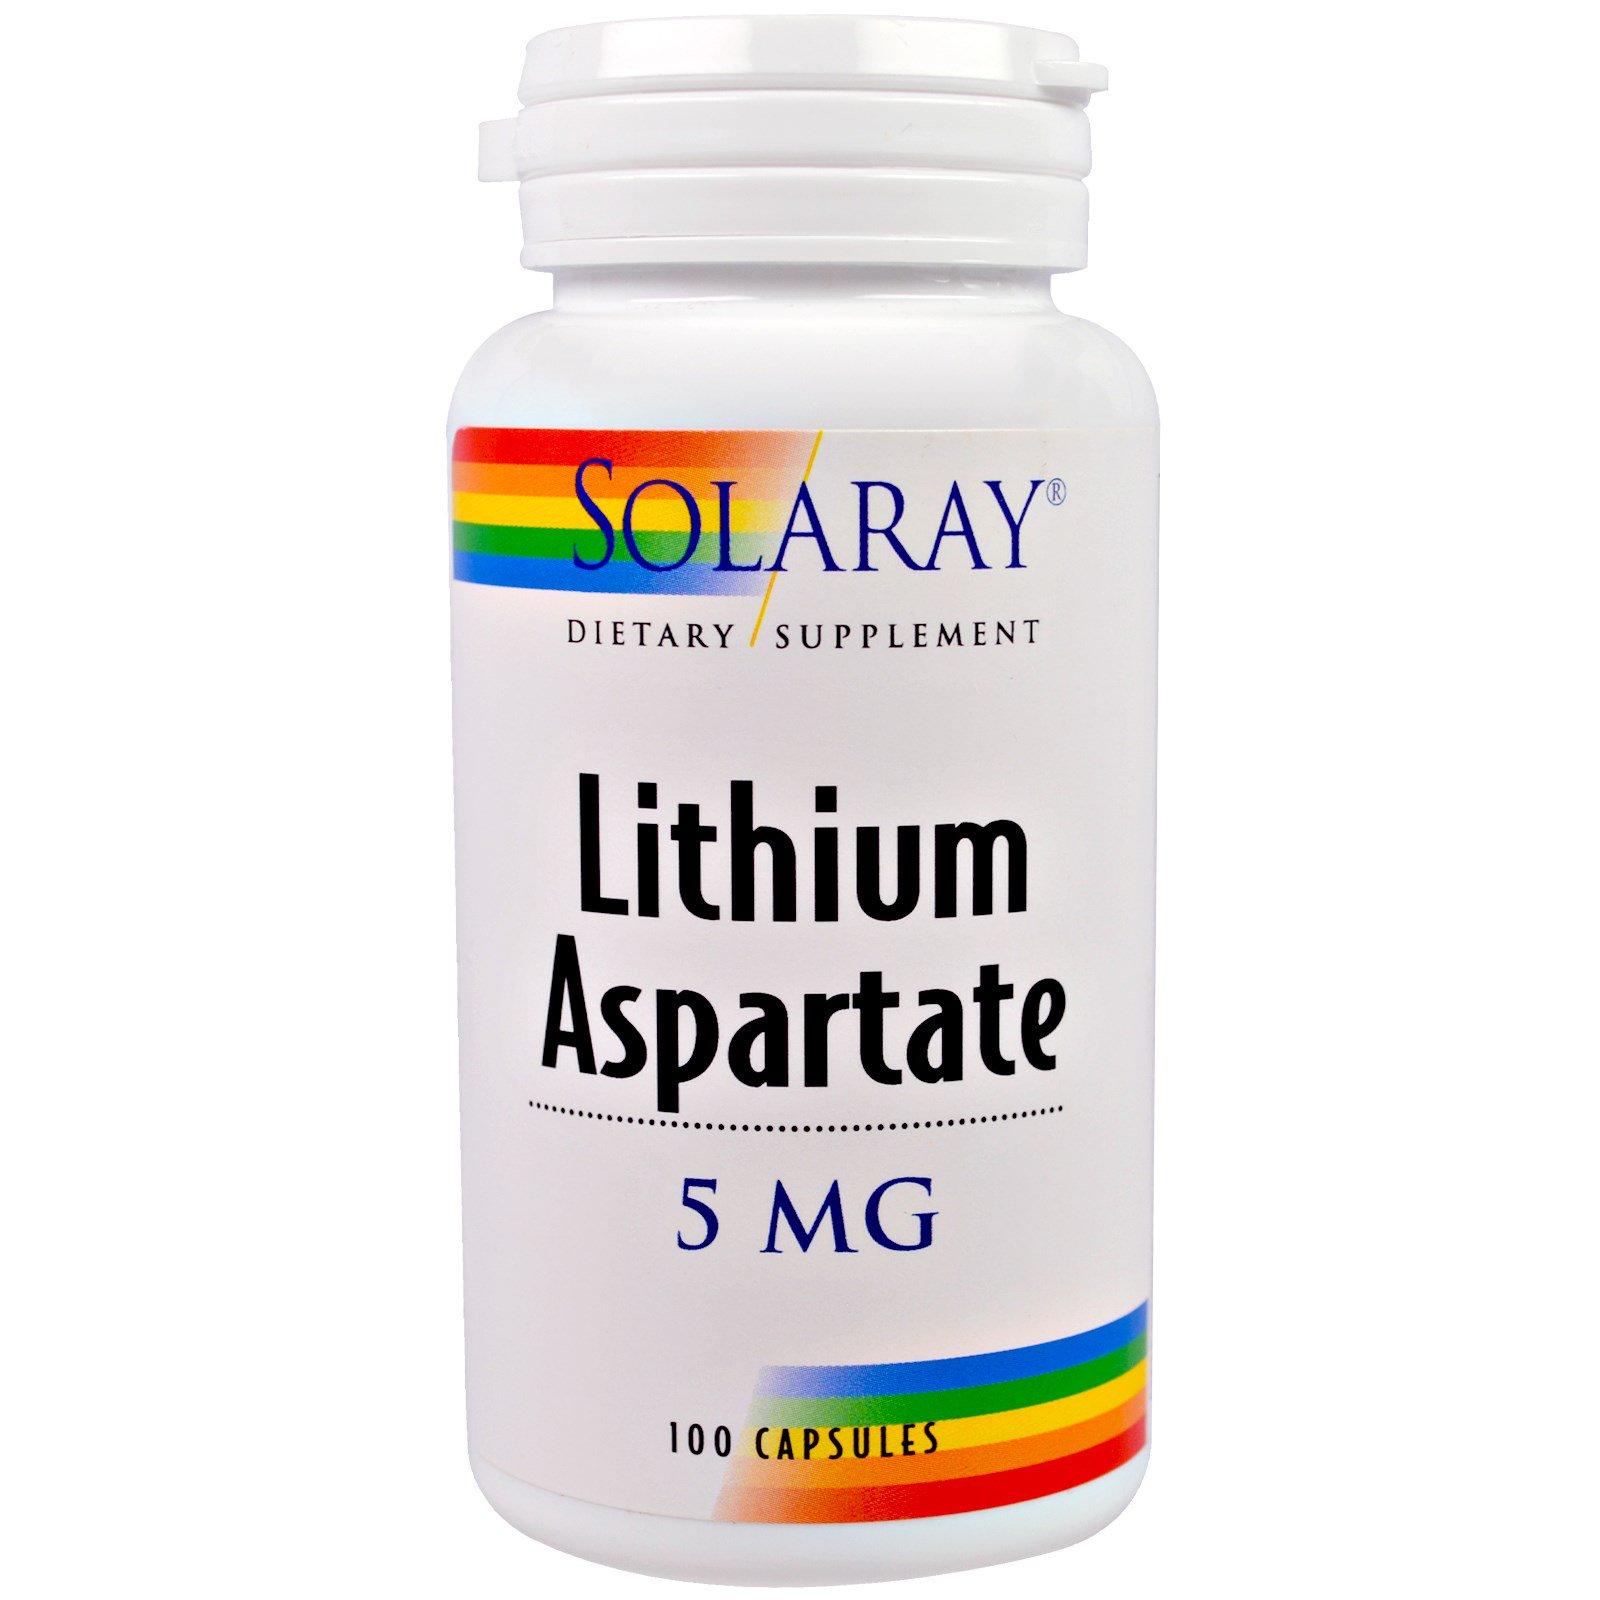 دواء الليثيوم, اعراض دواء الليثيوم, اضرار دواء الليثيوم, استخدمات دواء الليثيوم